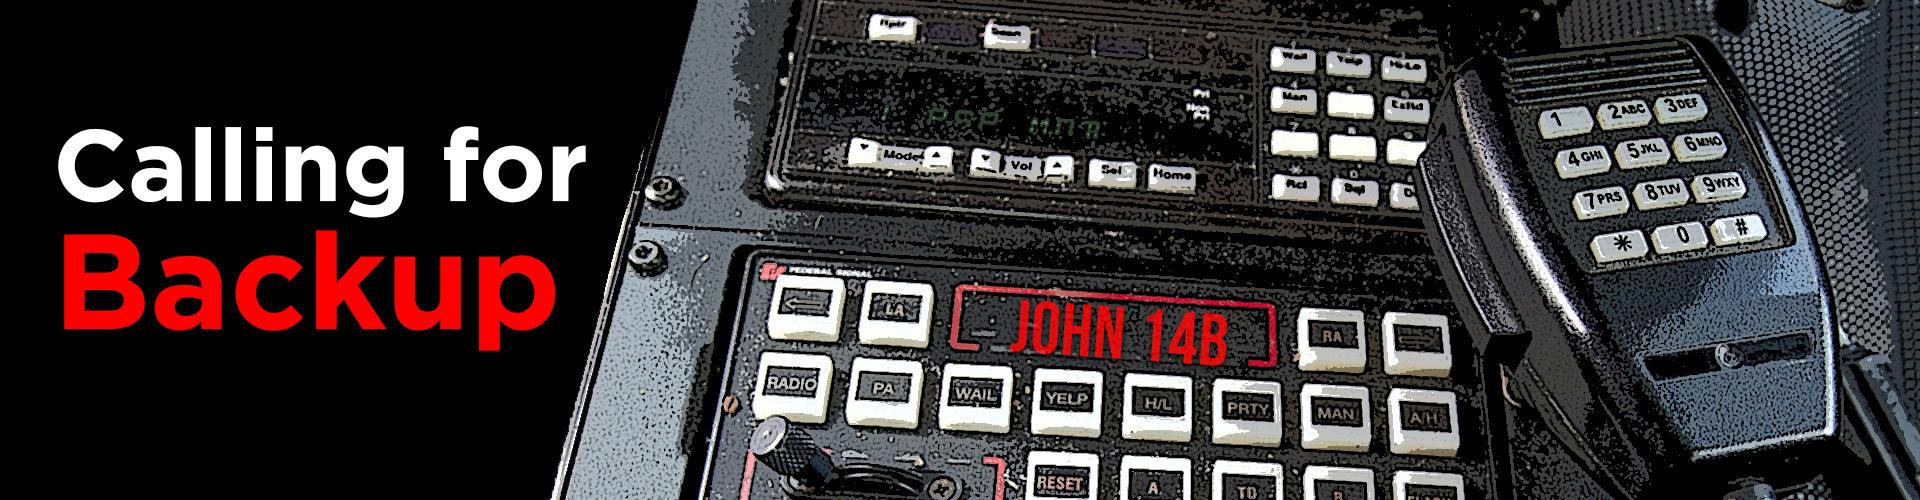 20140831-John14b-Slider